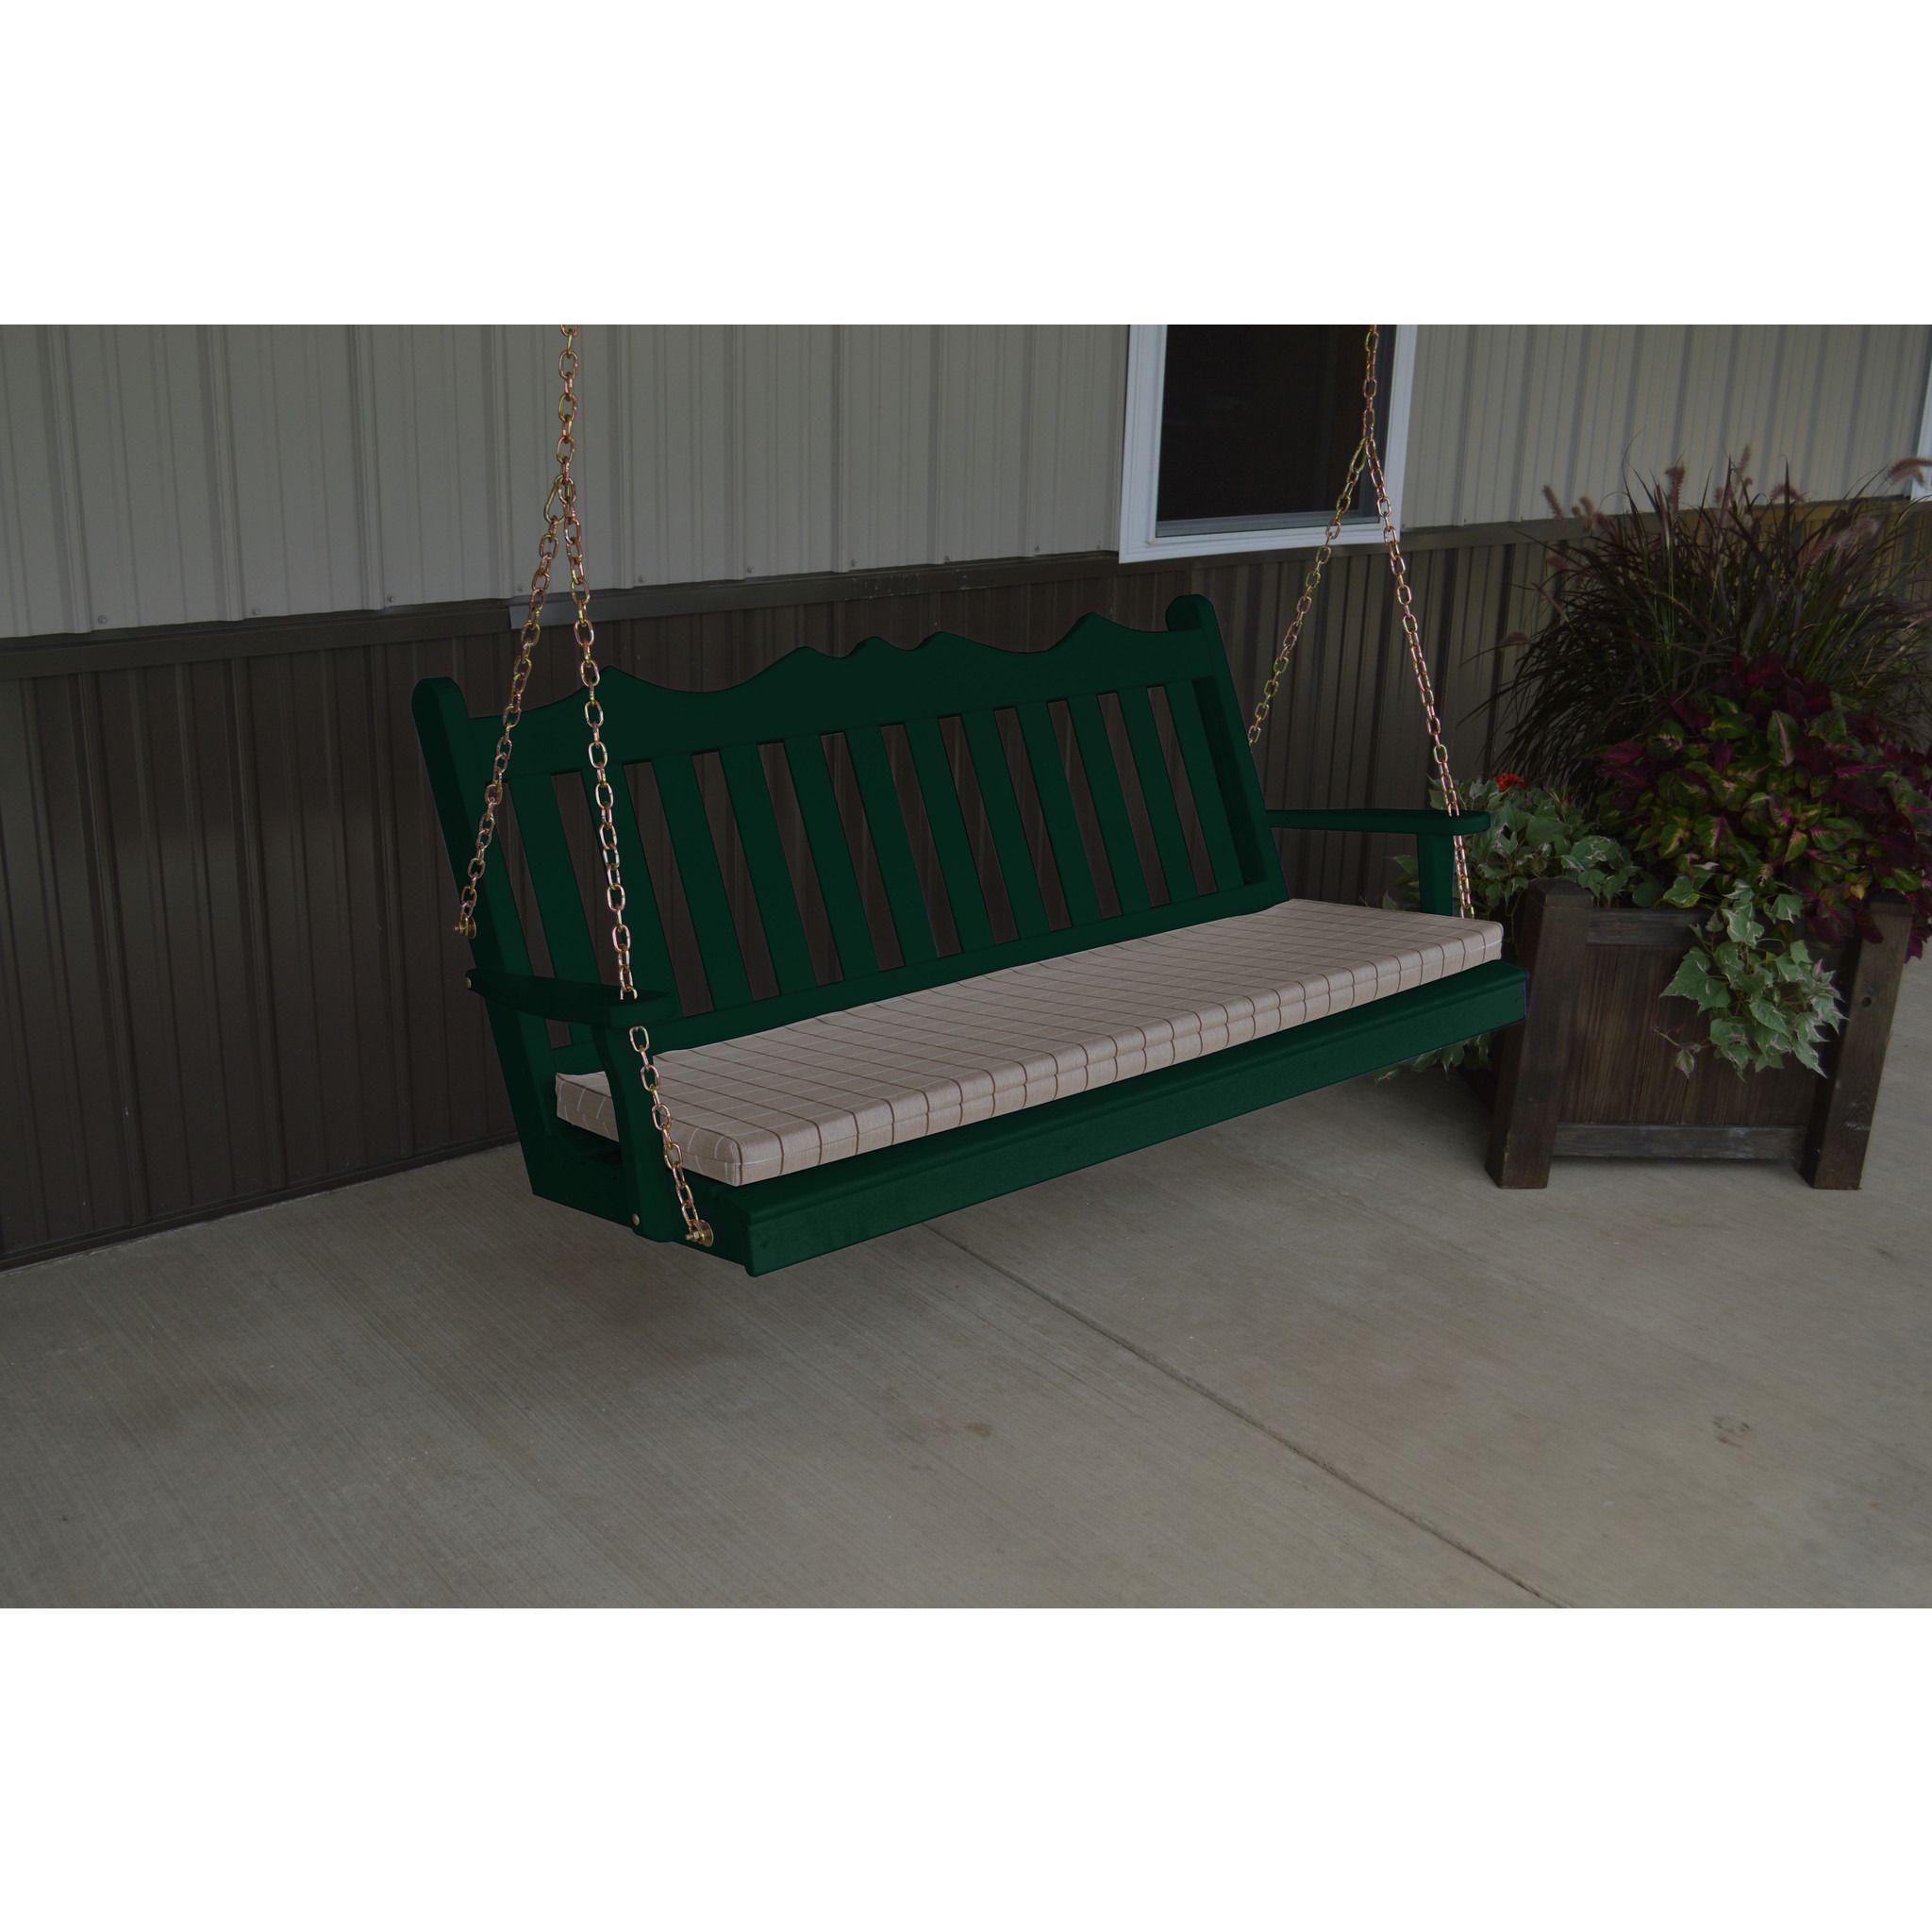 A u l furniture royal english yellow pine ft porch swing porch